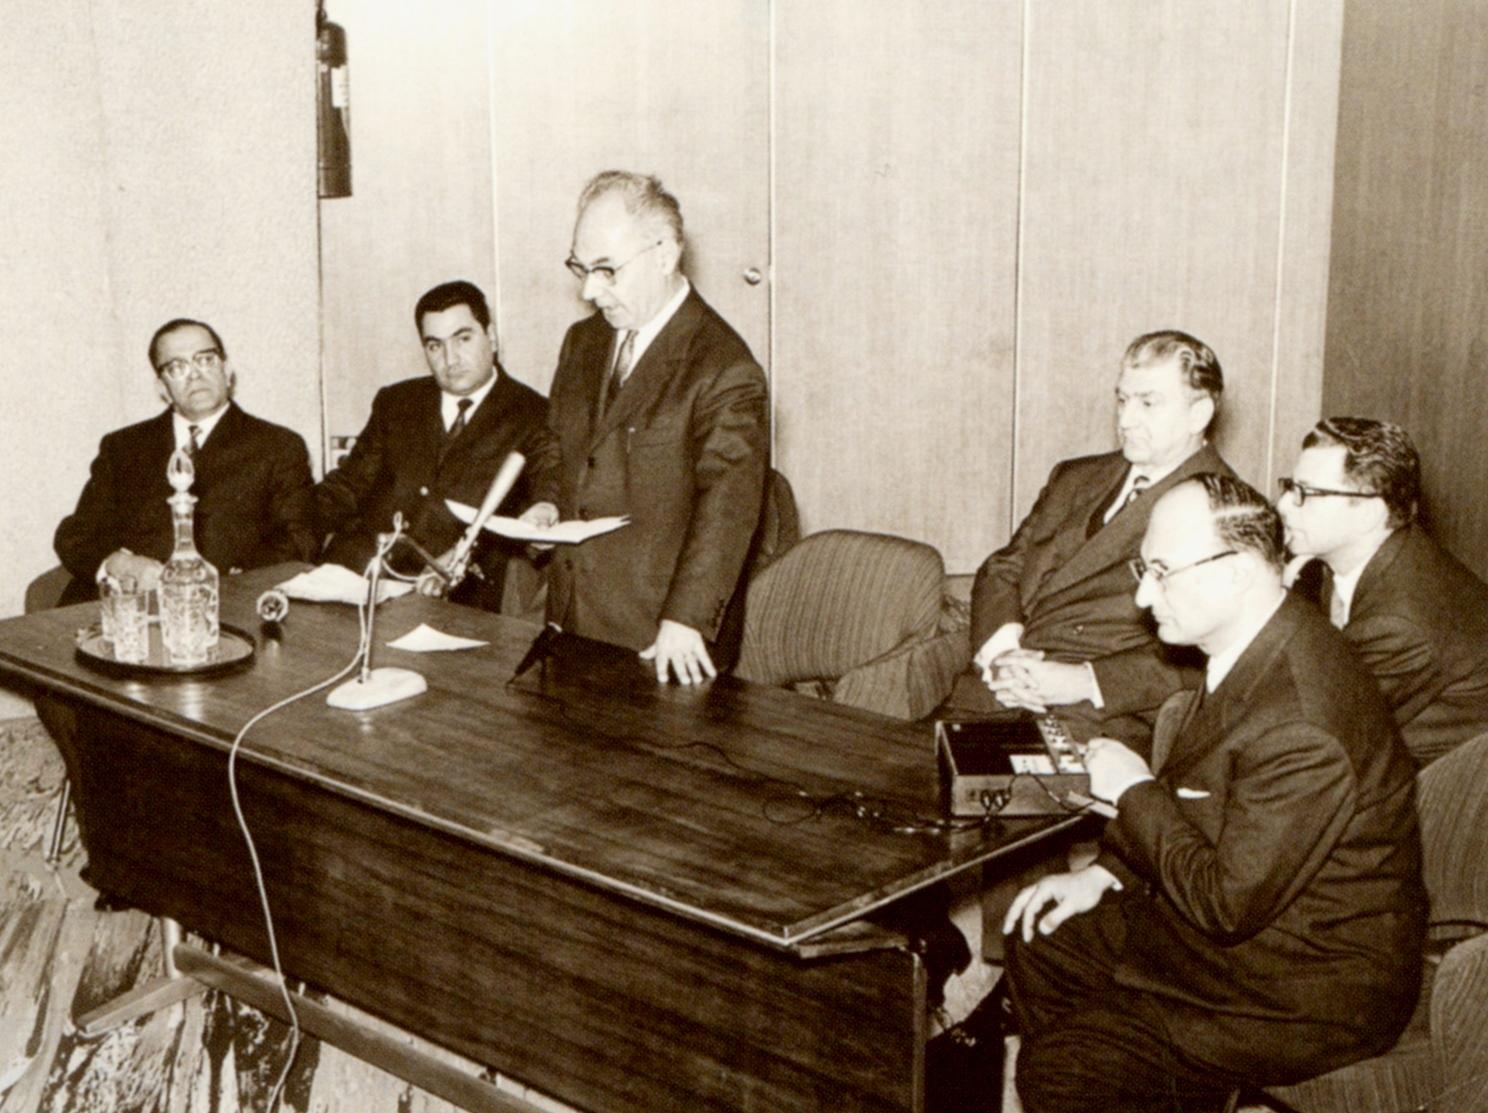 Foto d'epoca del comitato direttivo dell'UAI